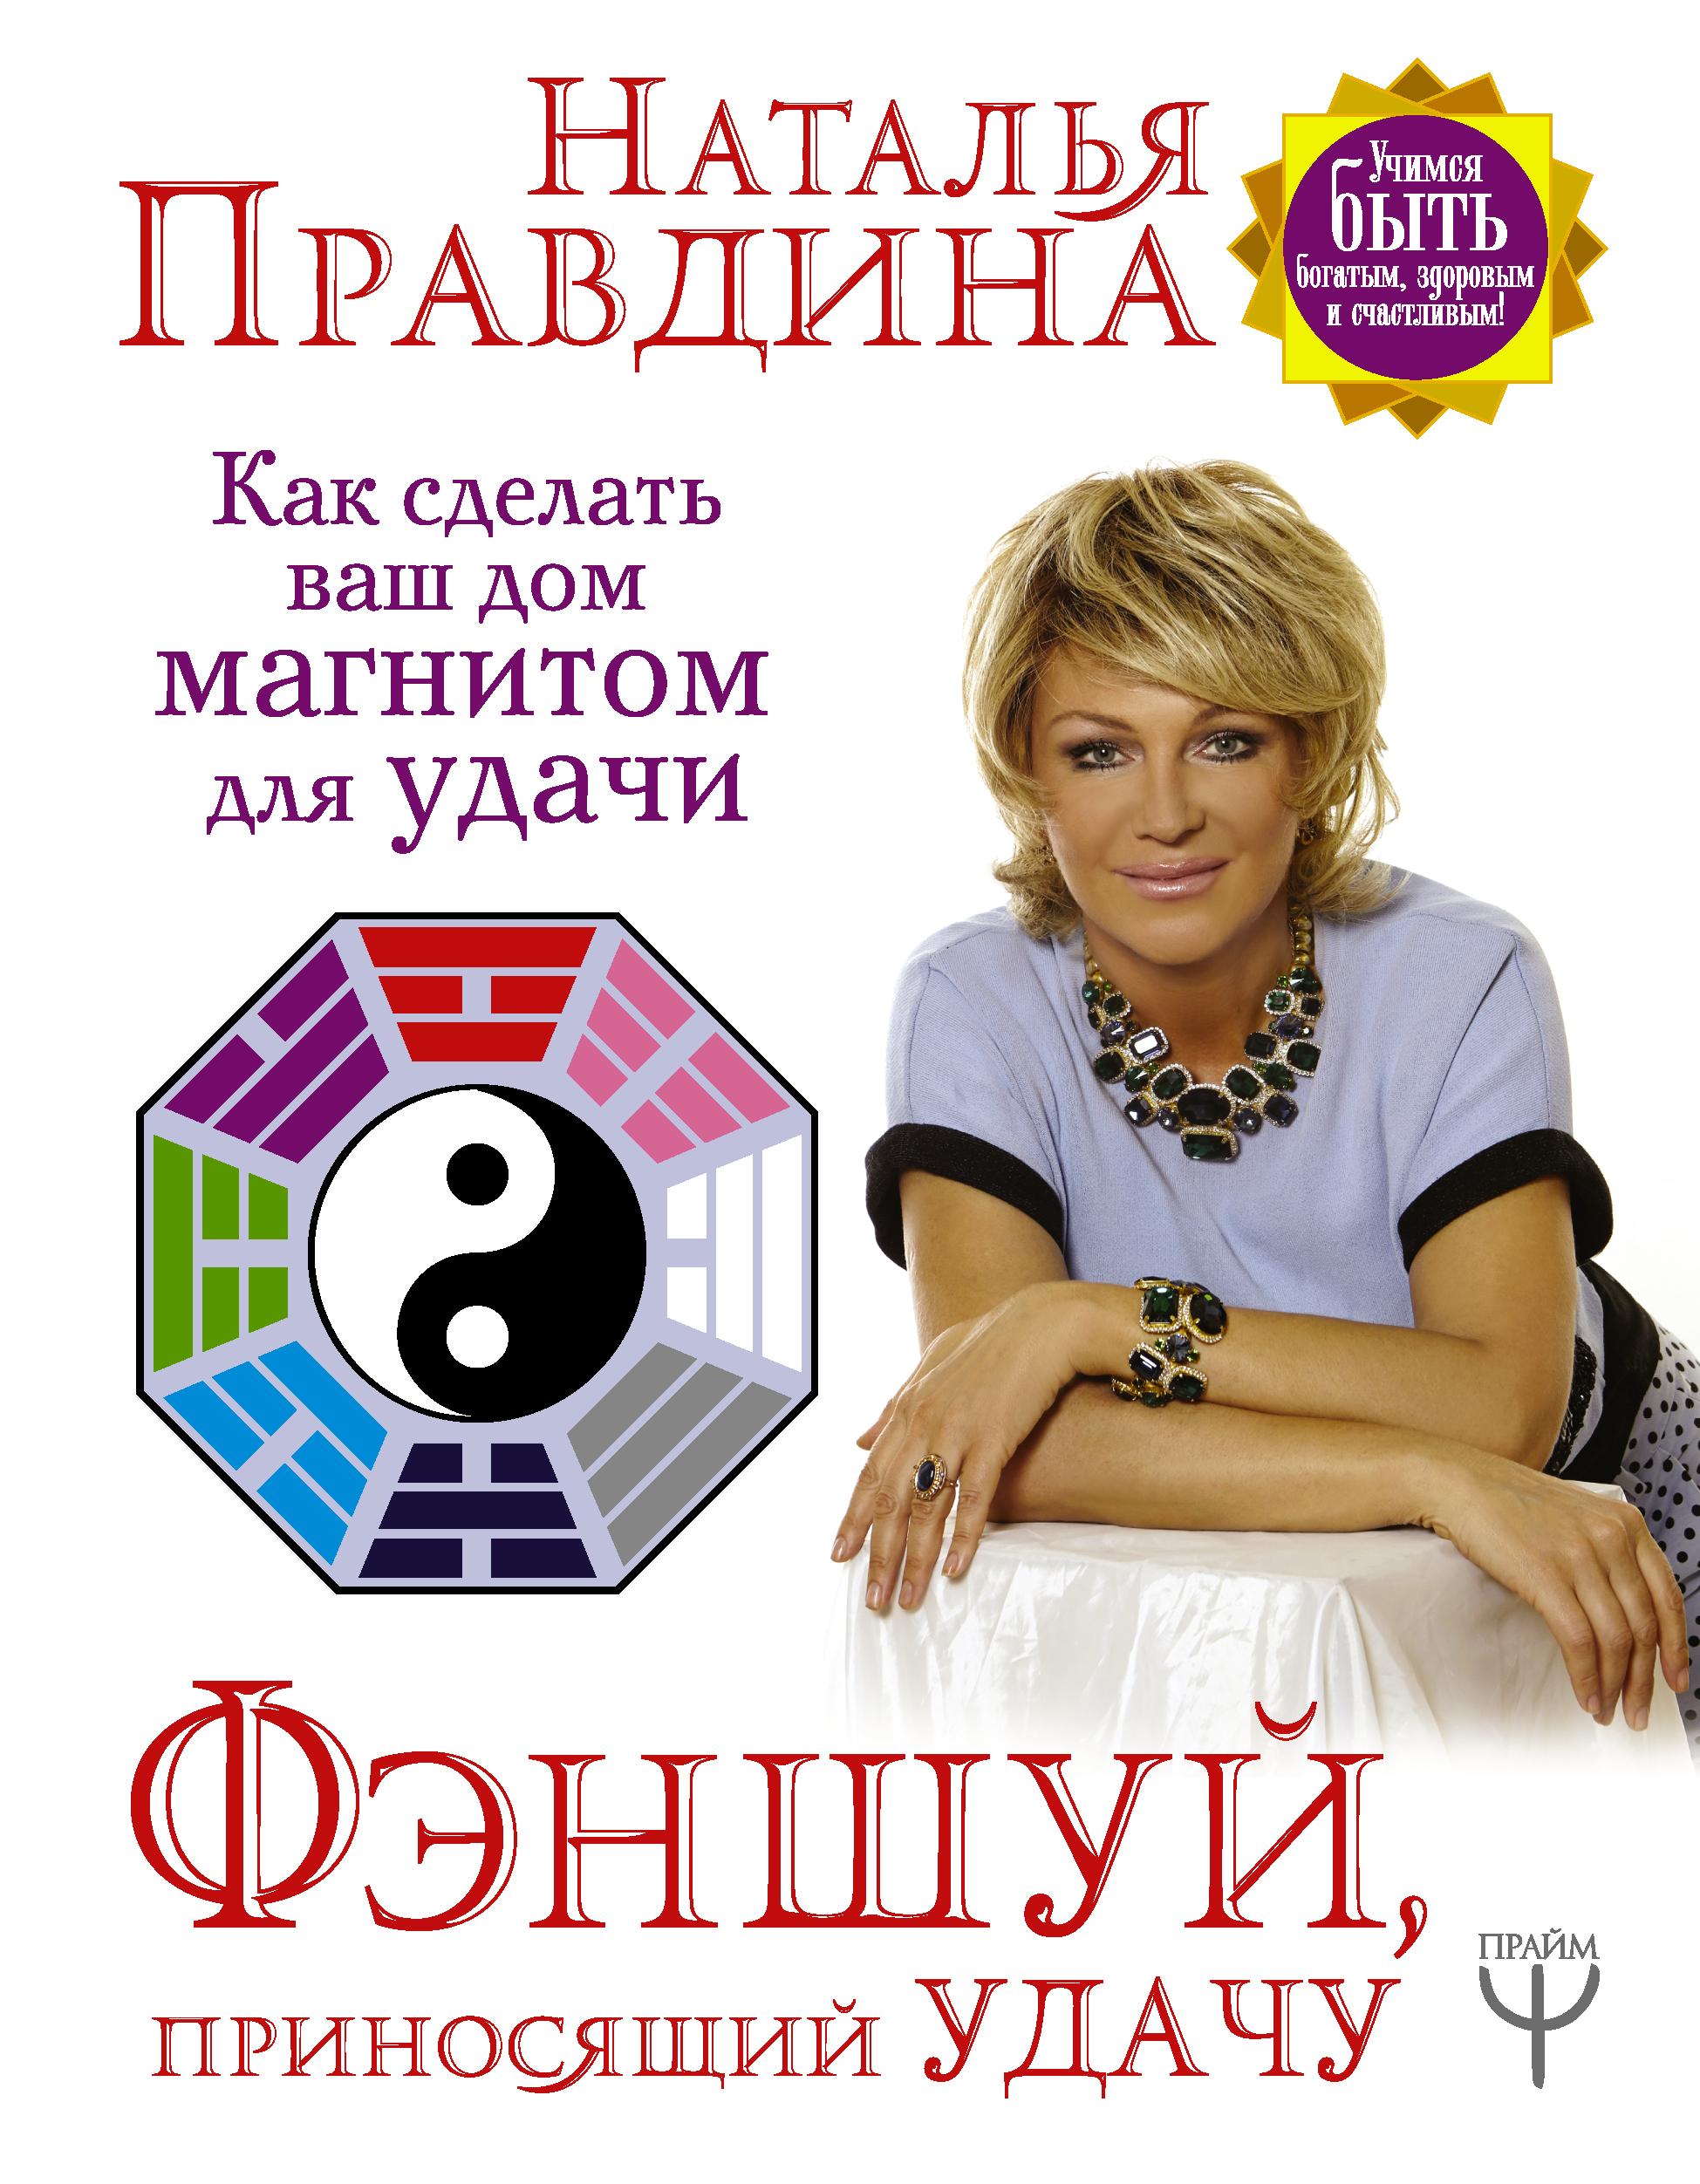 Наталия Правдина Фэншуй, приносящий удачу. Как сделать ваш дом магнитом для удачи правдина н фэншуй приносящий удачу как сделать ваш дом магнитом для удачи